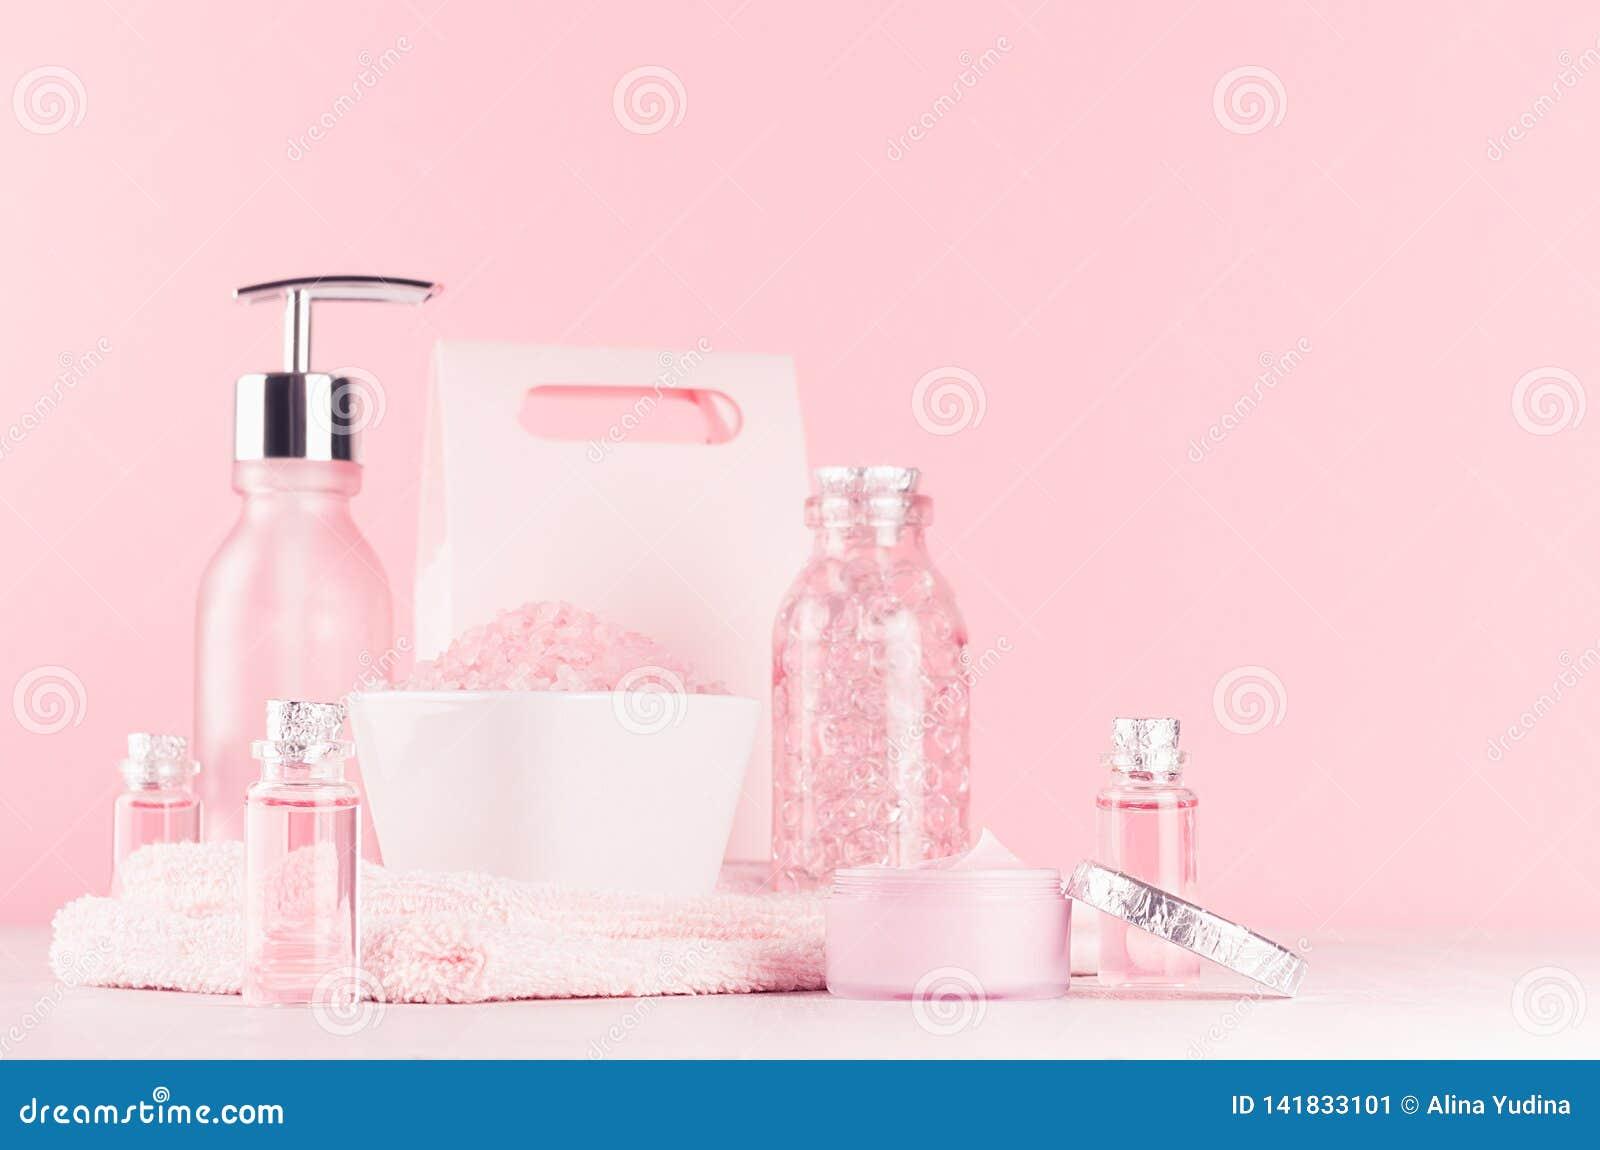 与化妆用品产品的柔和的少女梳妆台-玫瑰油、腌制槽用食盐、奶油、香水、棉花毛巾、瓶和碗